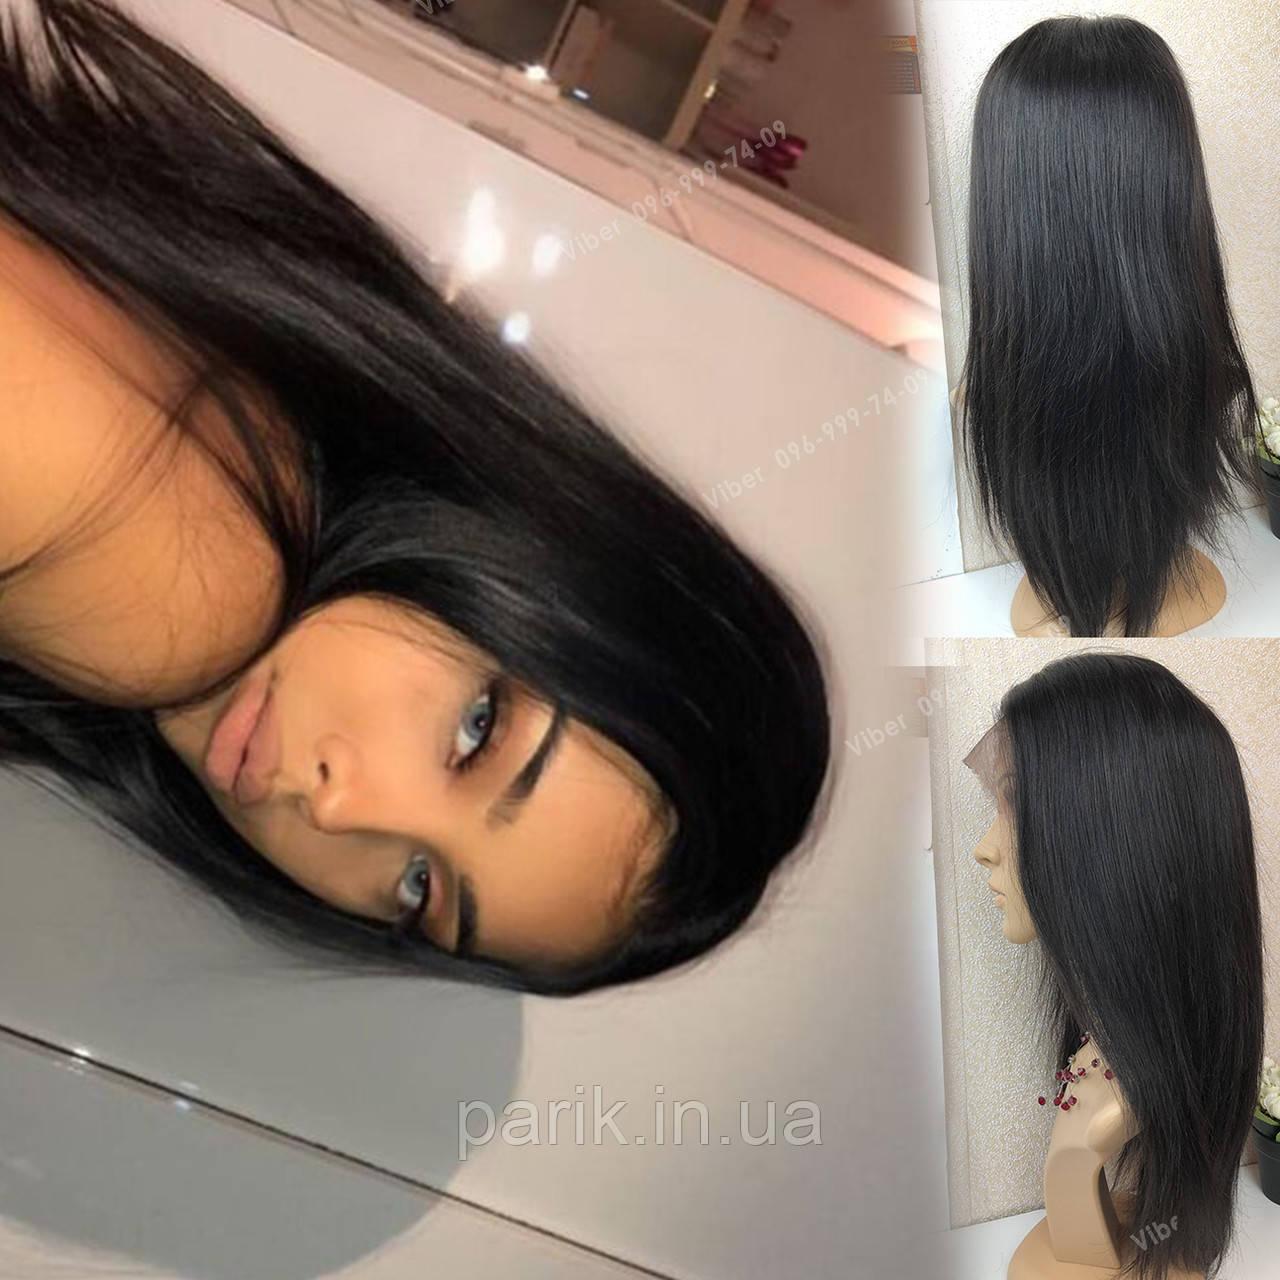 💎 Натуральный женский парик симитацией кожи головы 💎